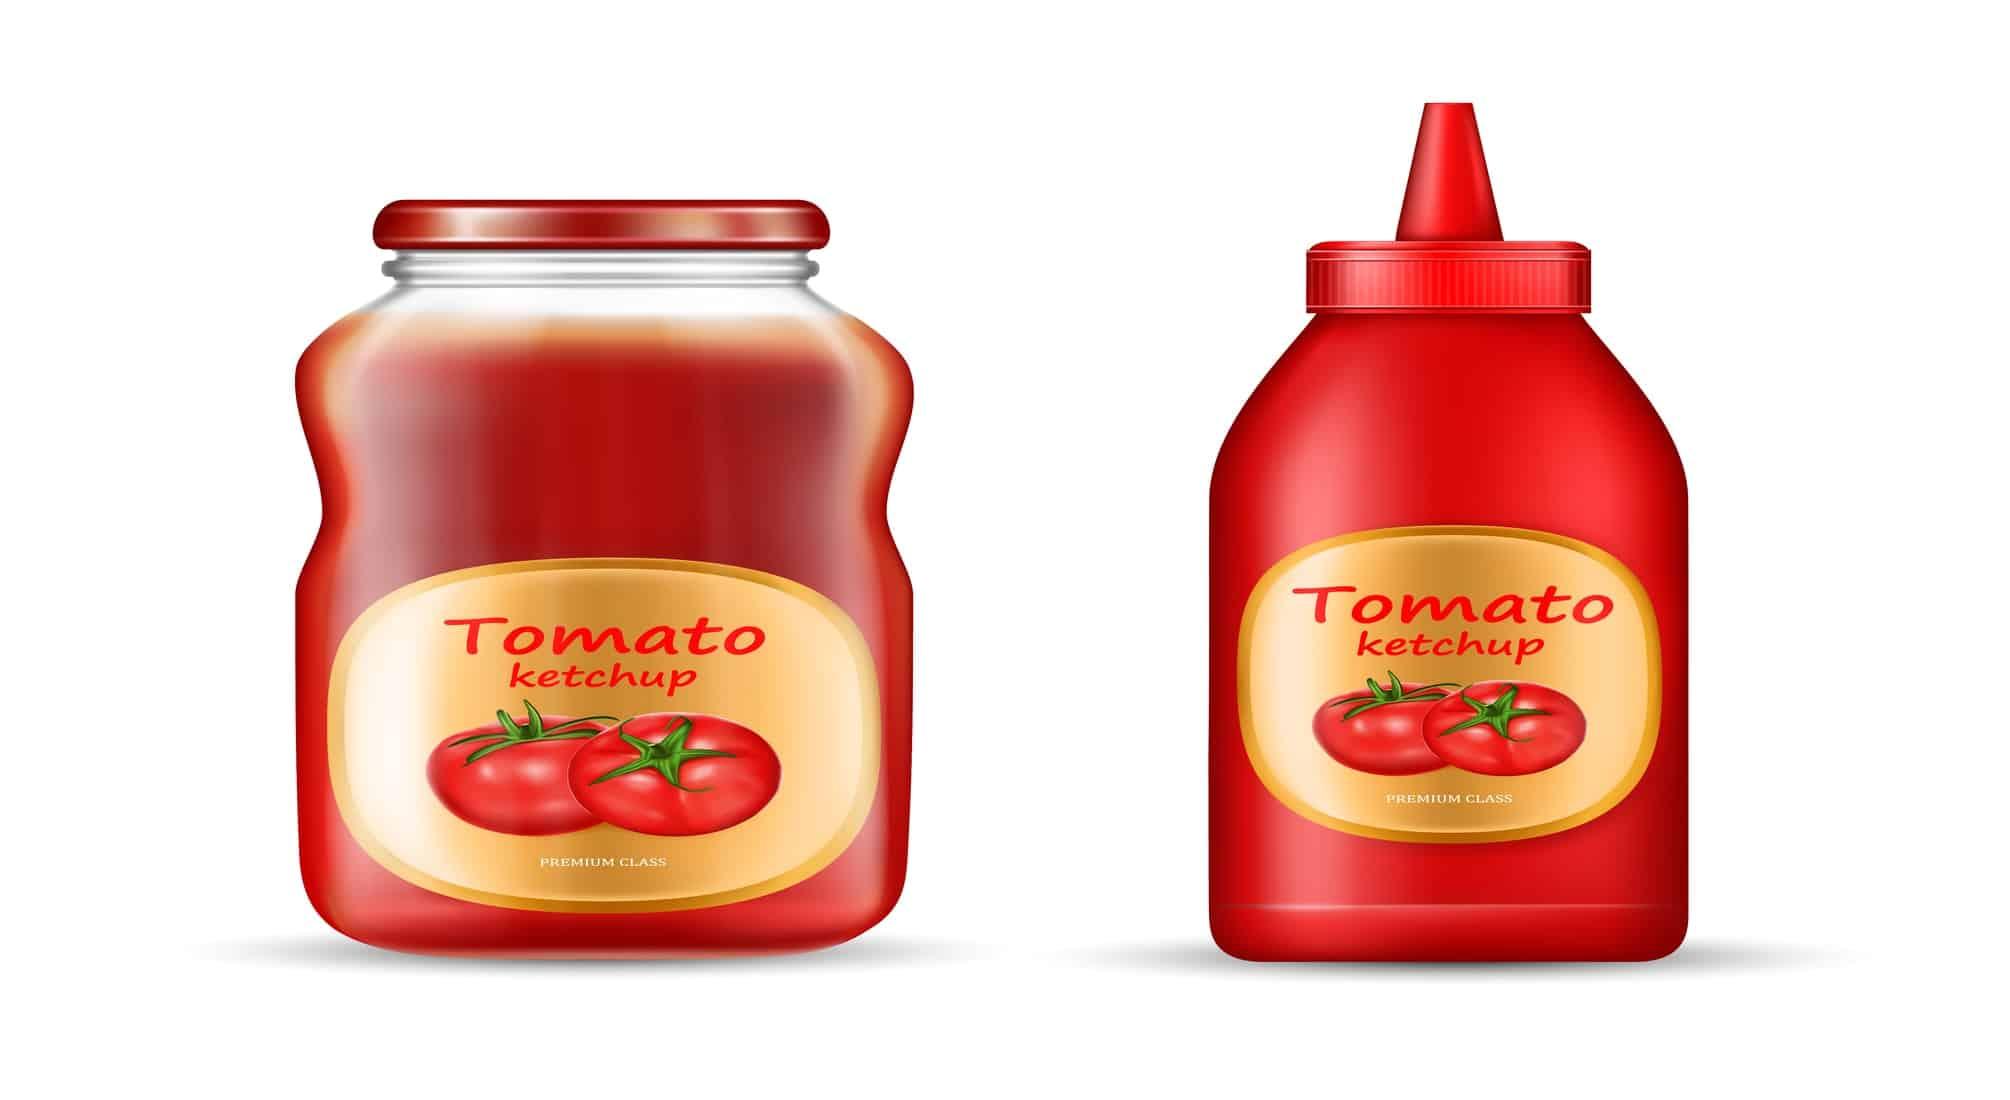 gluten free ketchup brands